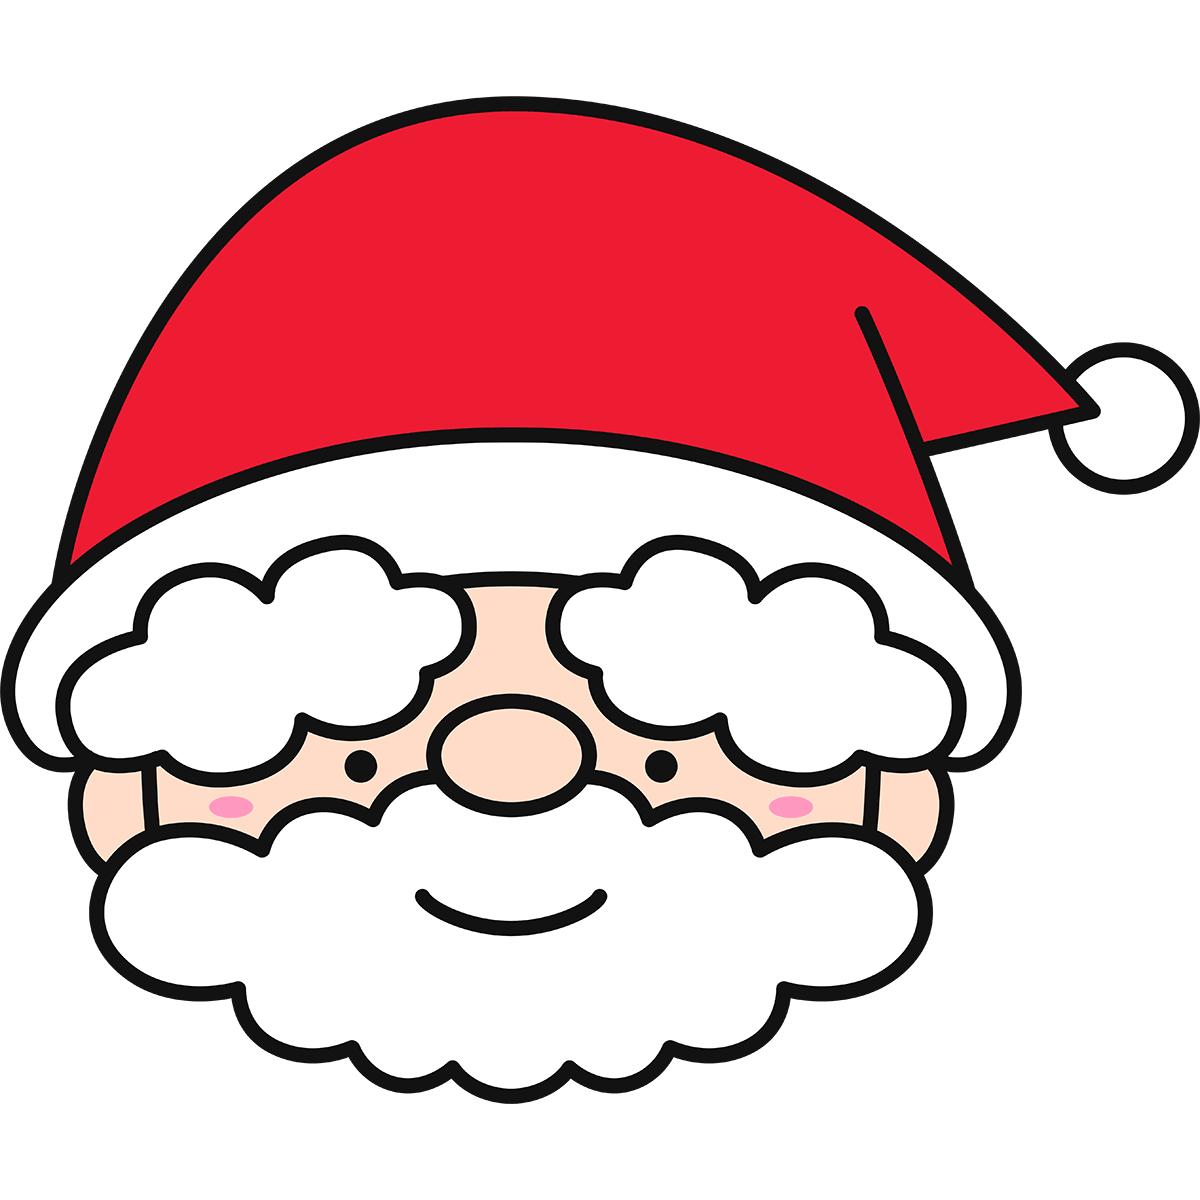 サンタクロースの顔の無料イラスト